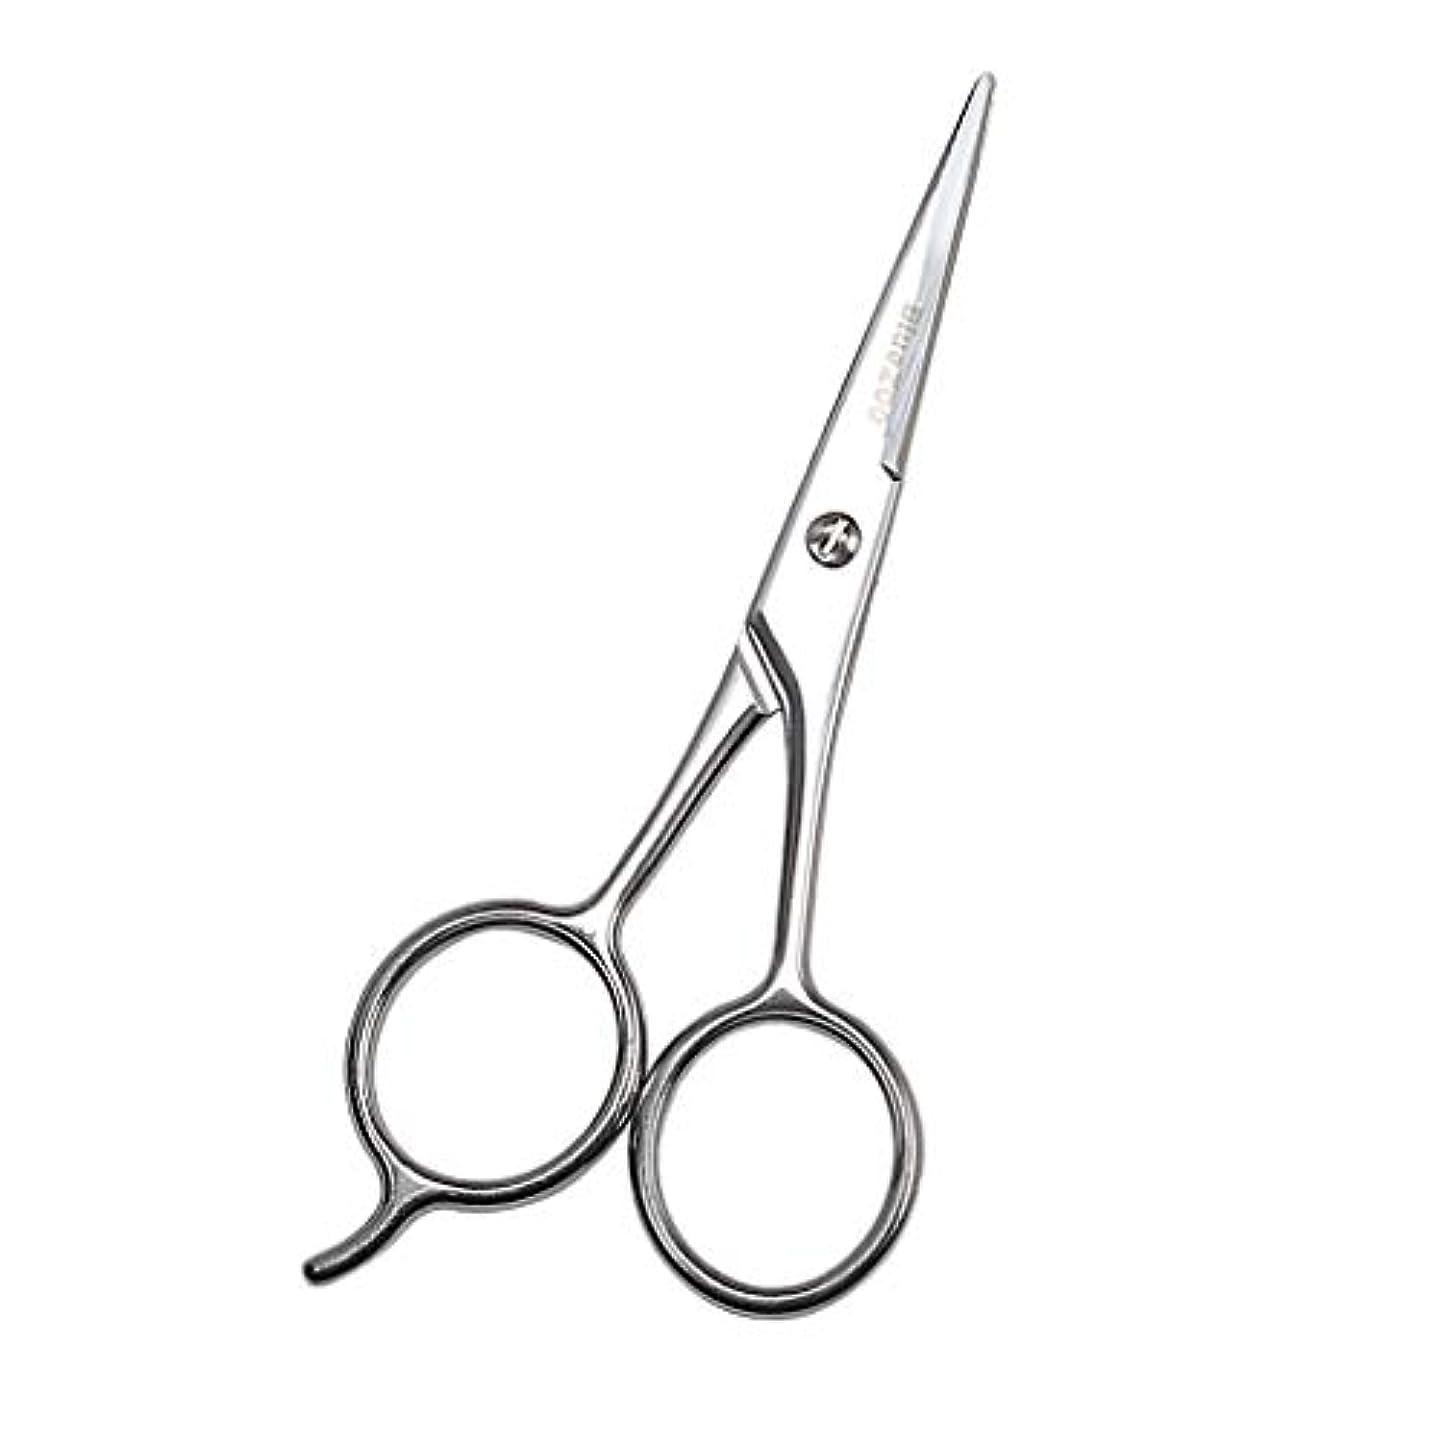 刺しますいつでも学習Baoblaze 小型ハサミ シザー 美容鋏 ステンレス 眉毛 鼻毛 まつげ 鋭い シルバー 13cm